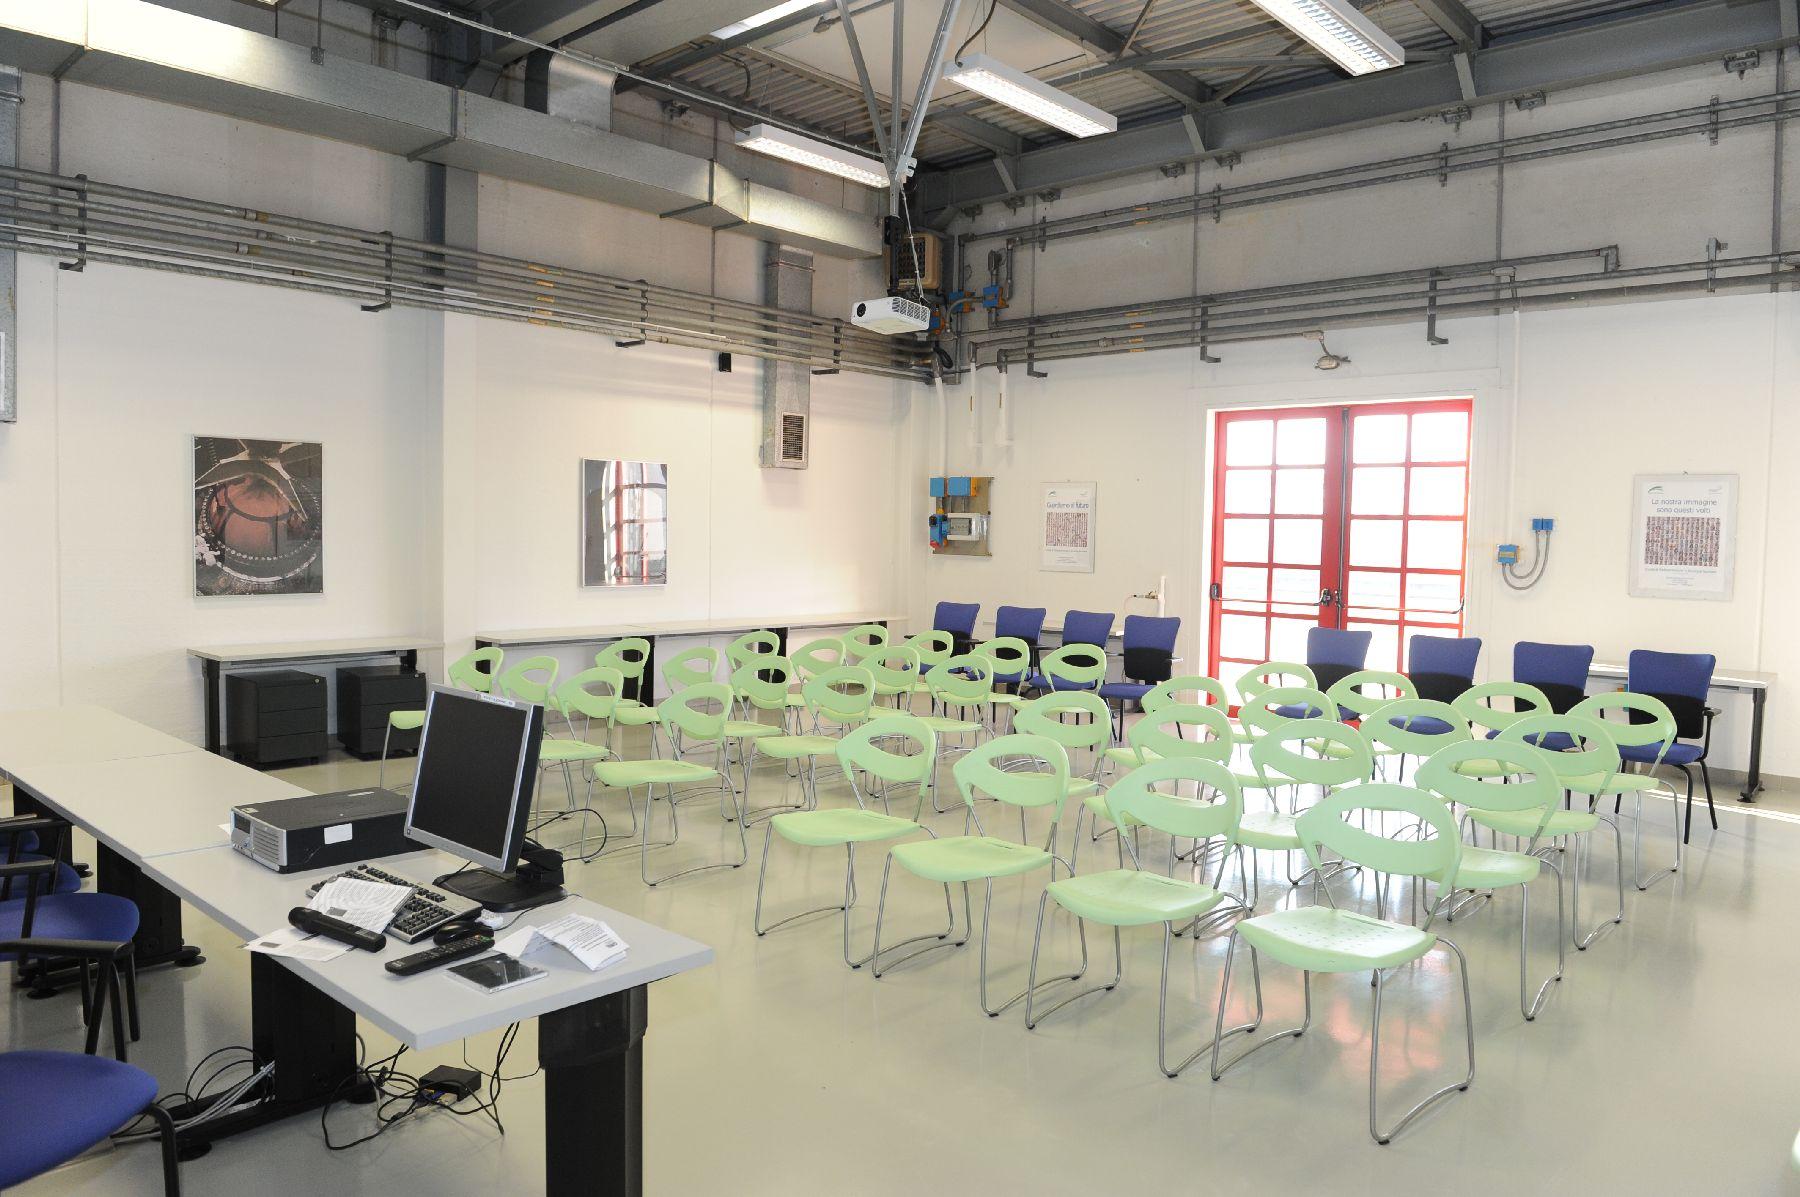 Radwaste Management School